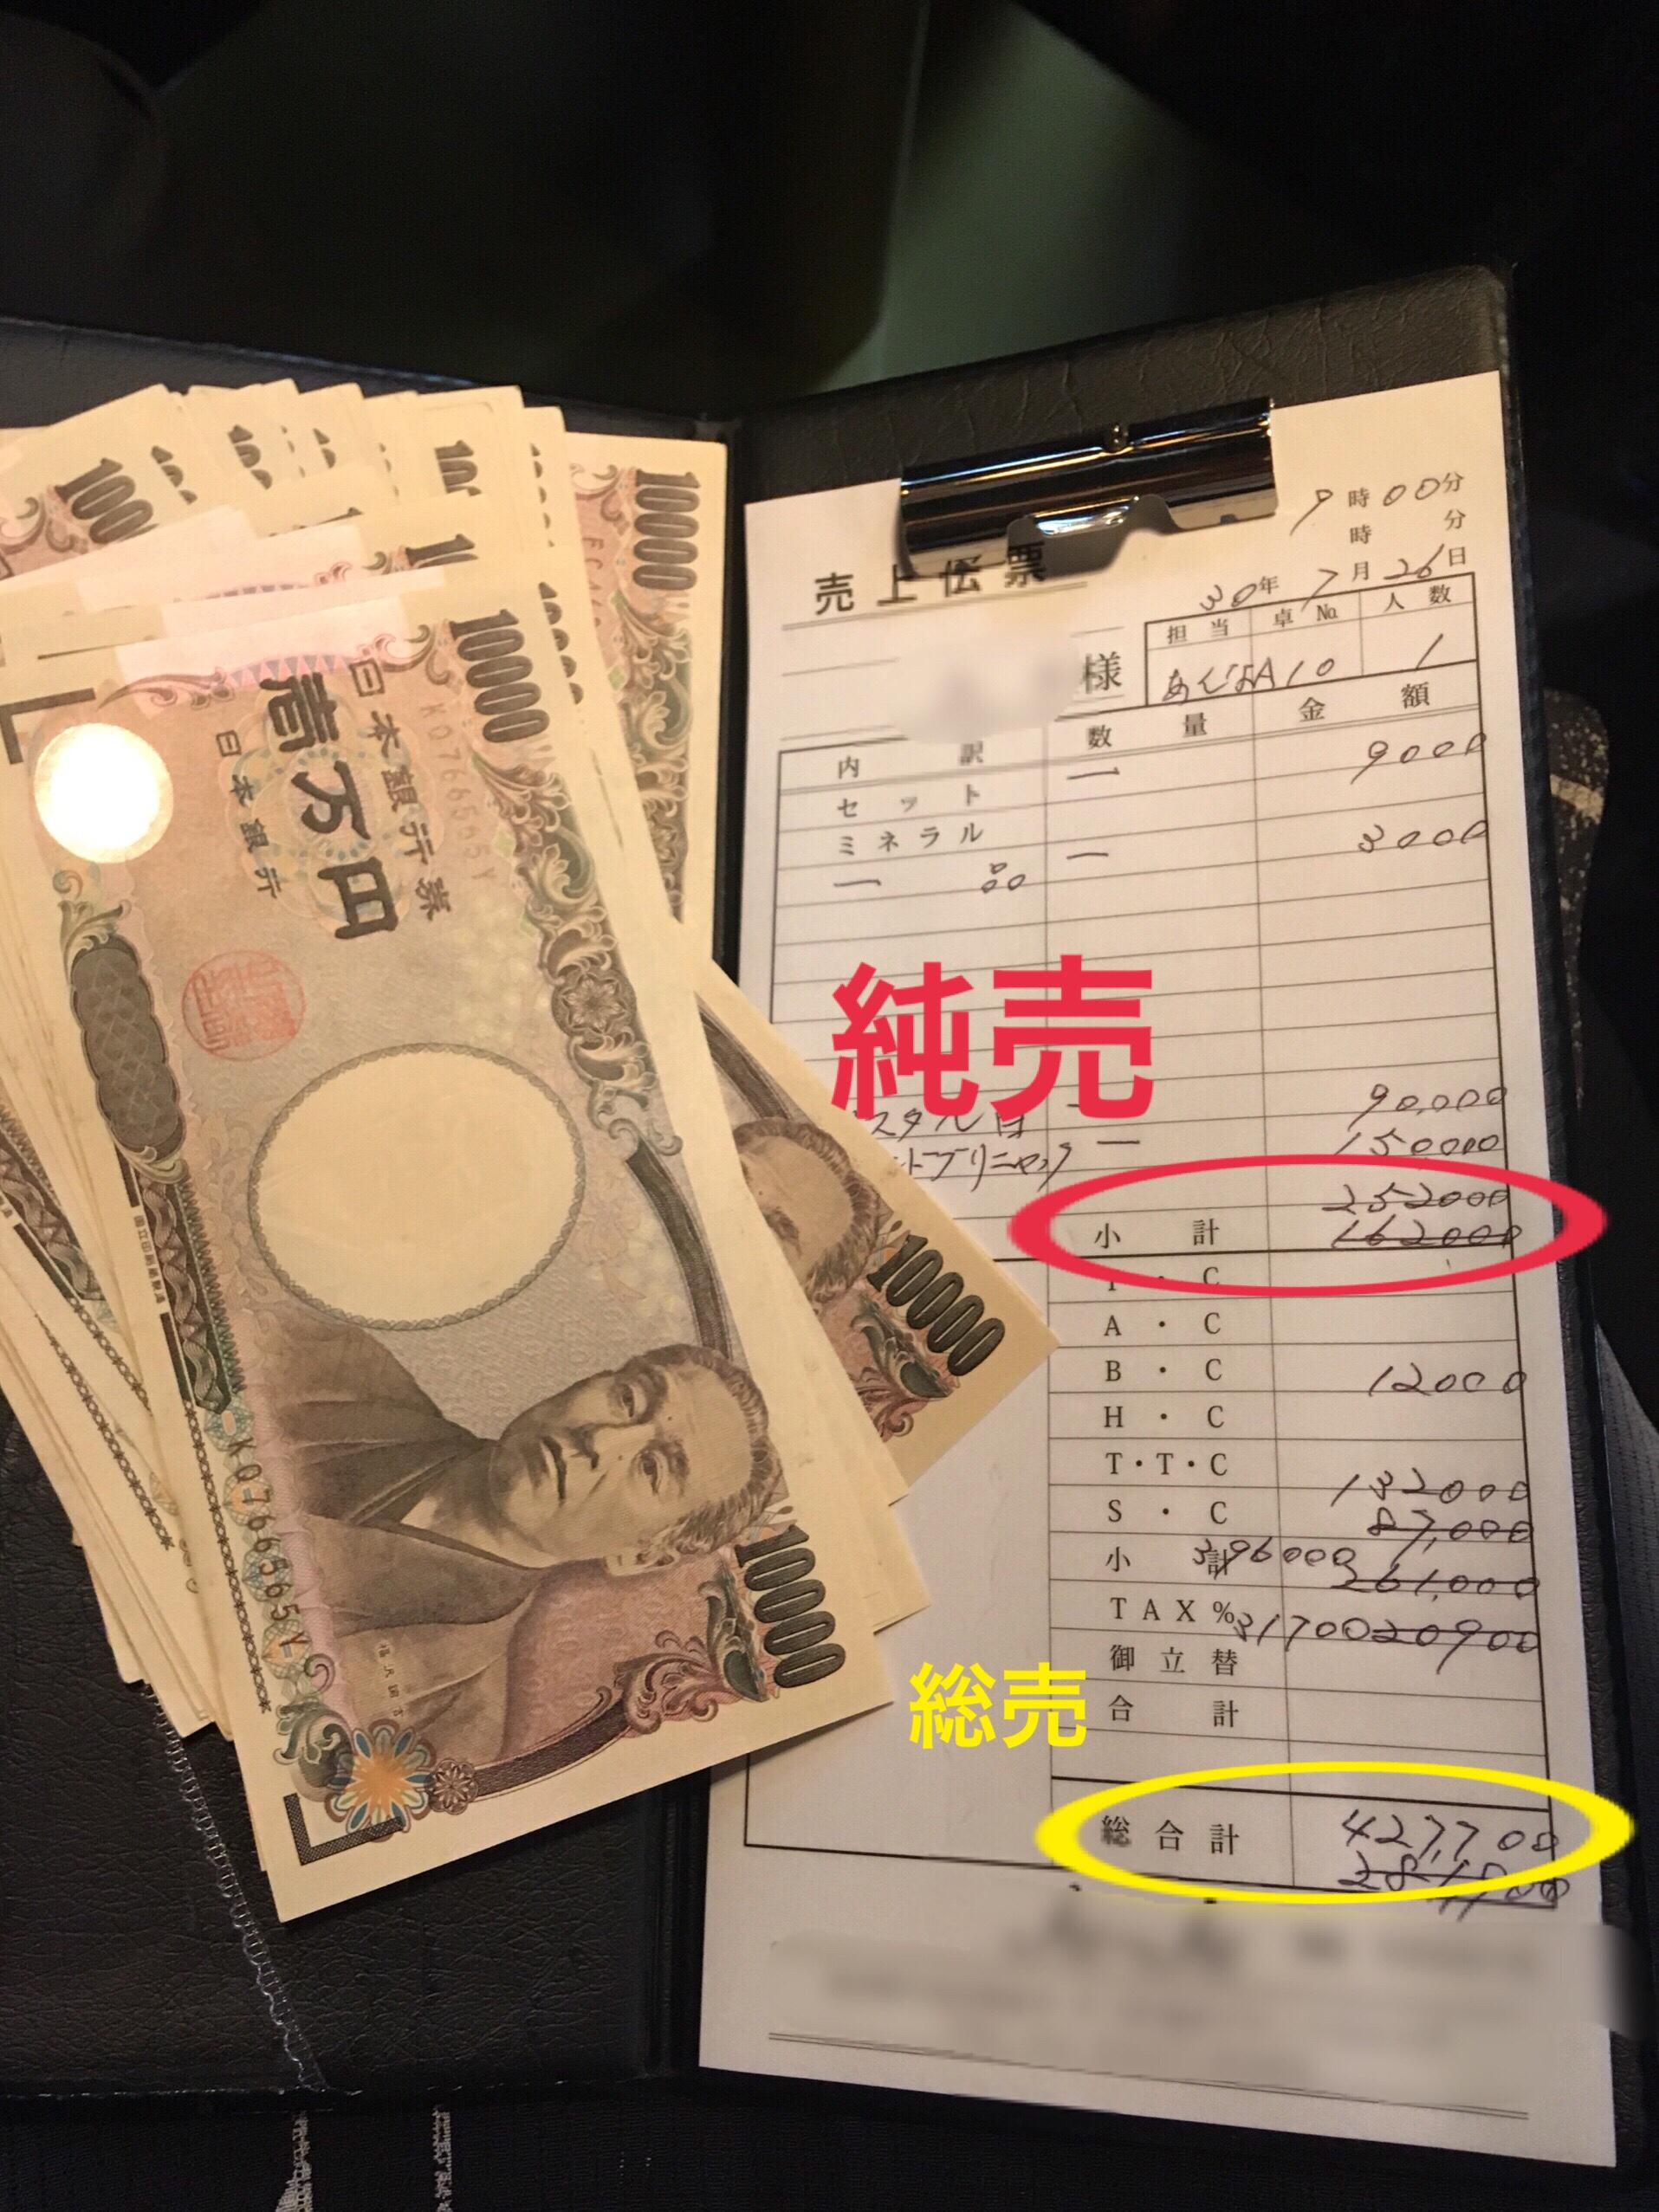 銀座高級クラブ 料金 お会計 いくら 純売計算